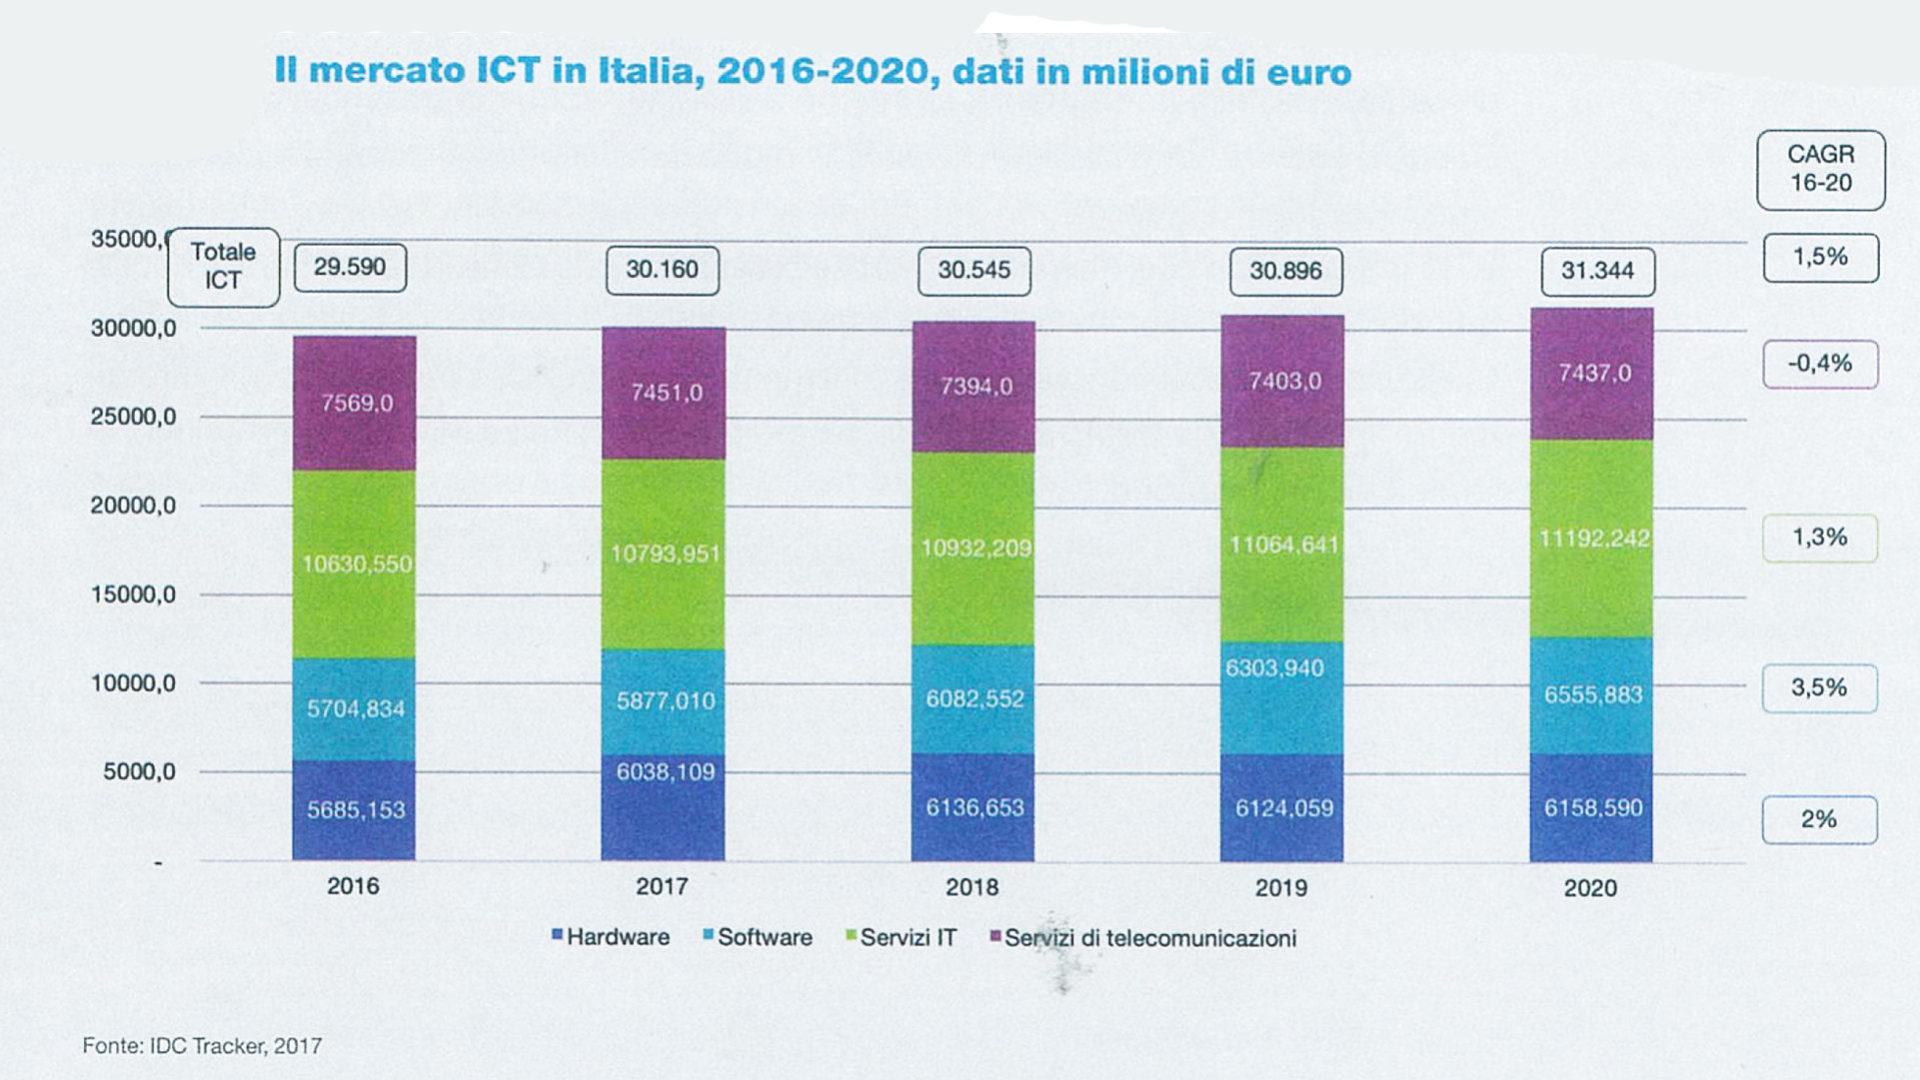 Il mercato ICT in Italia dal 2016 al 2020